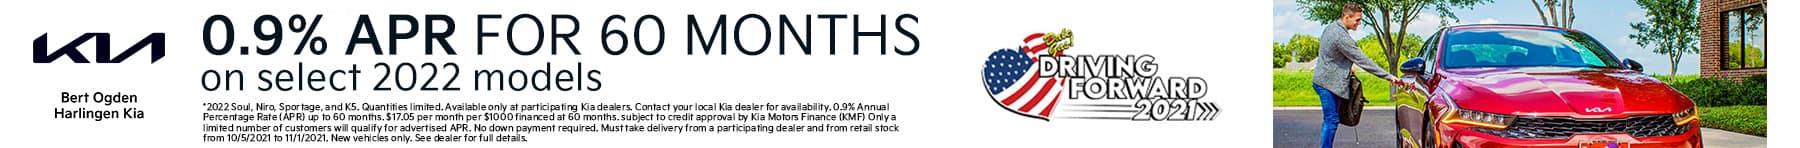 0.9% APR on Select 2022 Kia Models | Bert Ogden Harlingen Kia in Harlingen, Texas